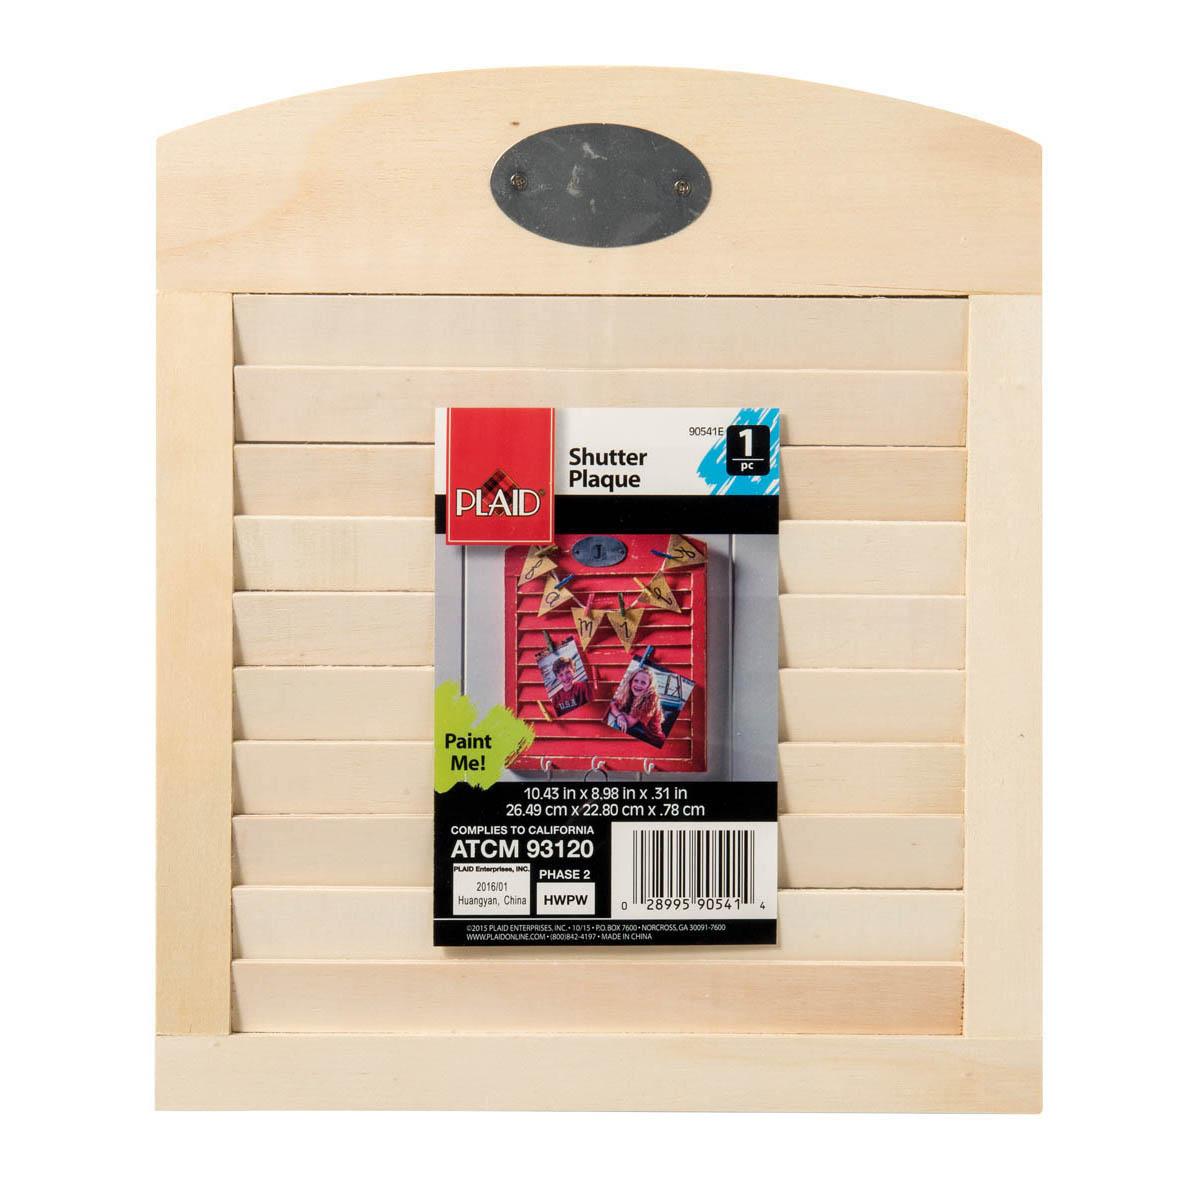 Plaid ® Wood Surfaces - Plaques - Shutter